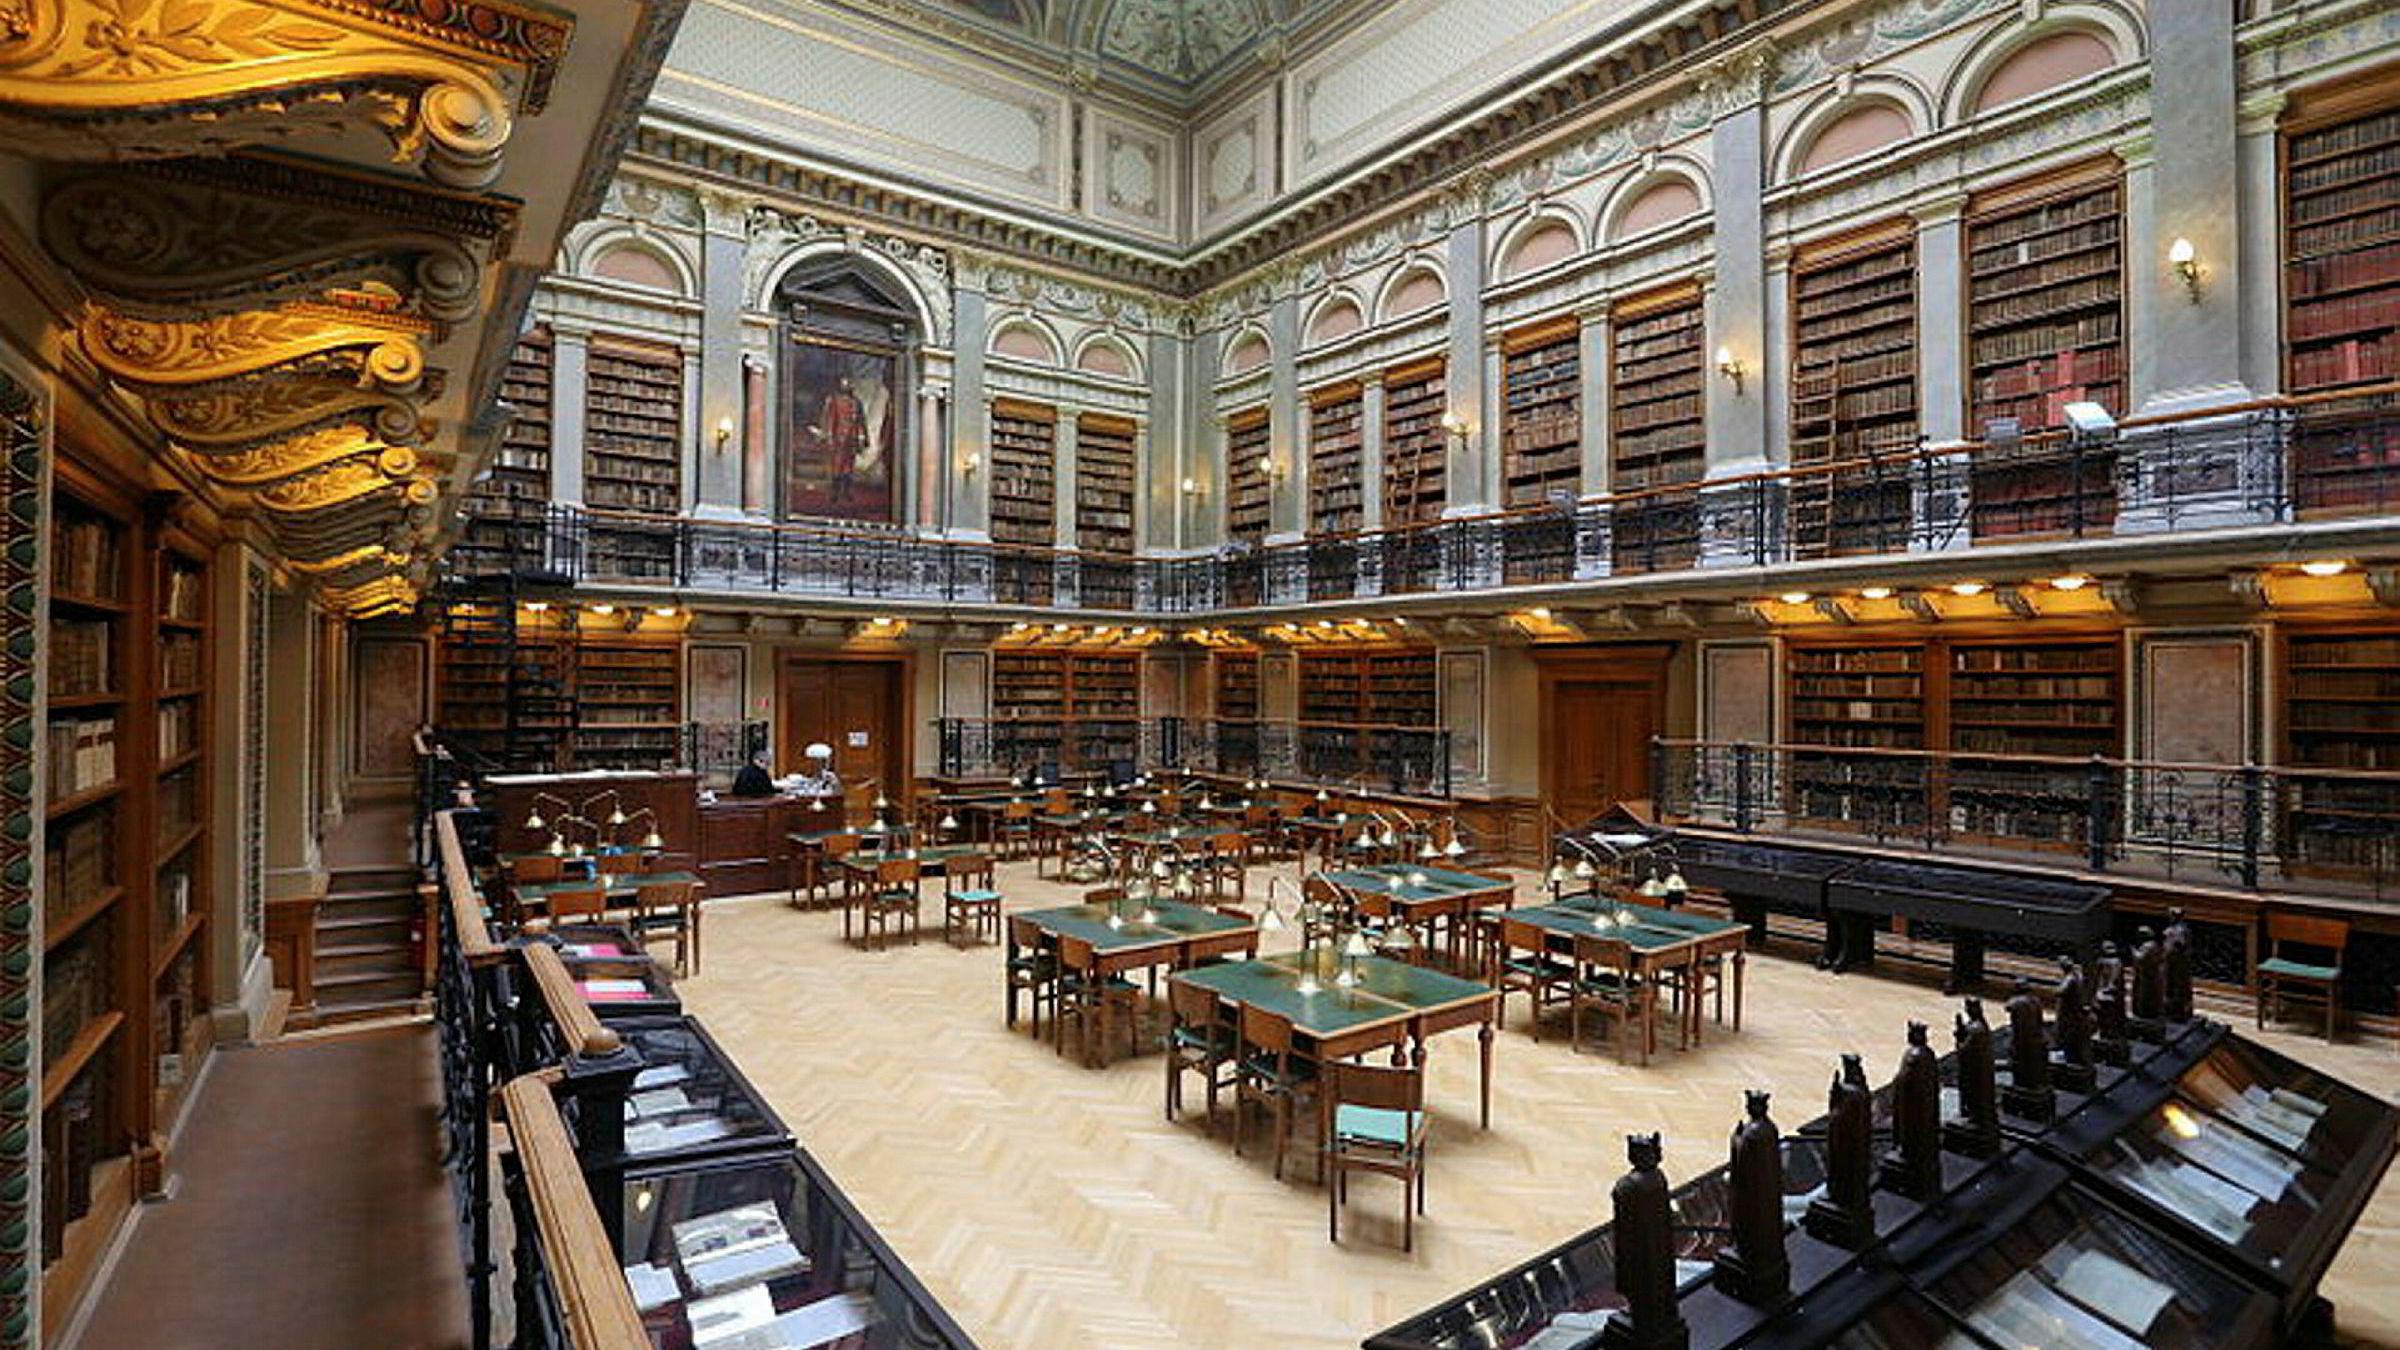 Helsedirektoratets vedtak rammet studenter som i god tro hadde brukt fem år av livet ved Elte i Budapest i Ungarn. Her fra biblioteket ved ved universitetet.